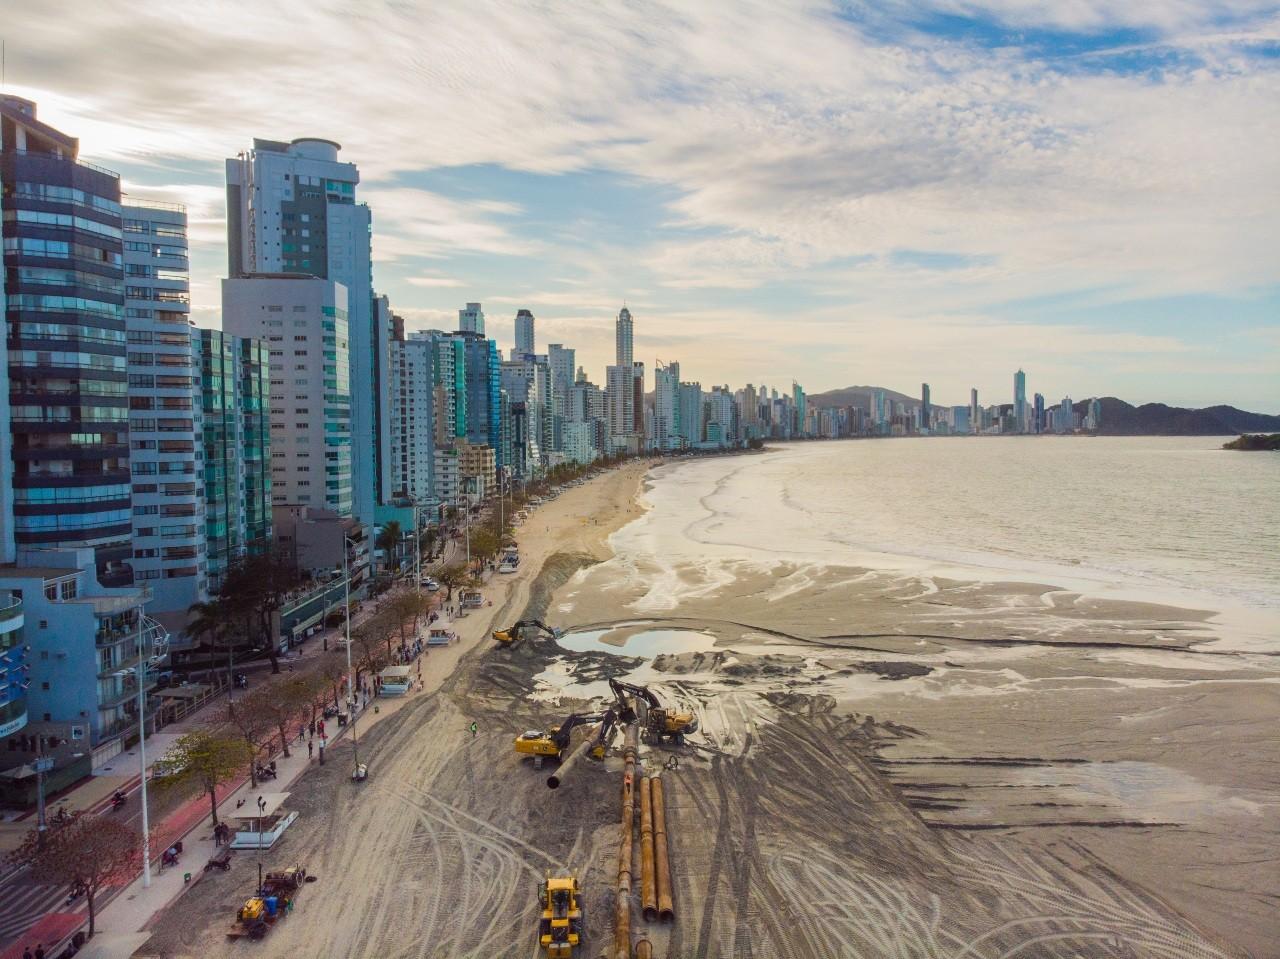 Alargamento da praia de Balneário Camboriú avança média de 90 metros por dia